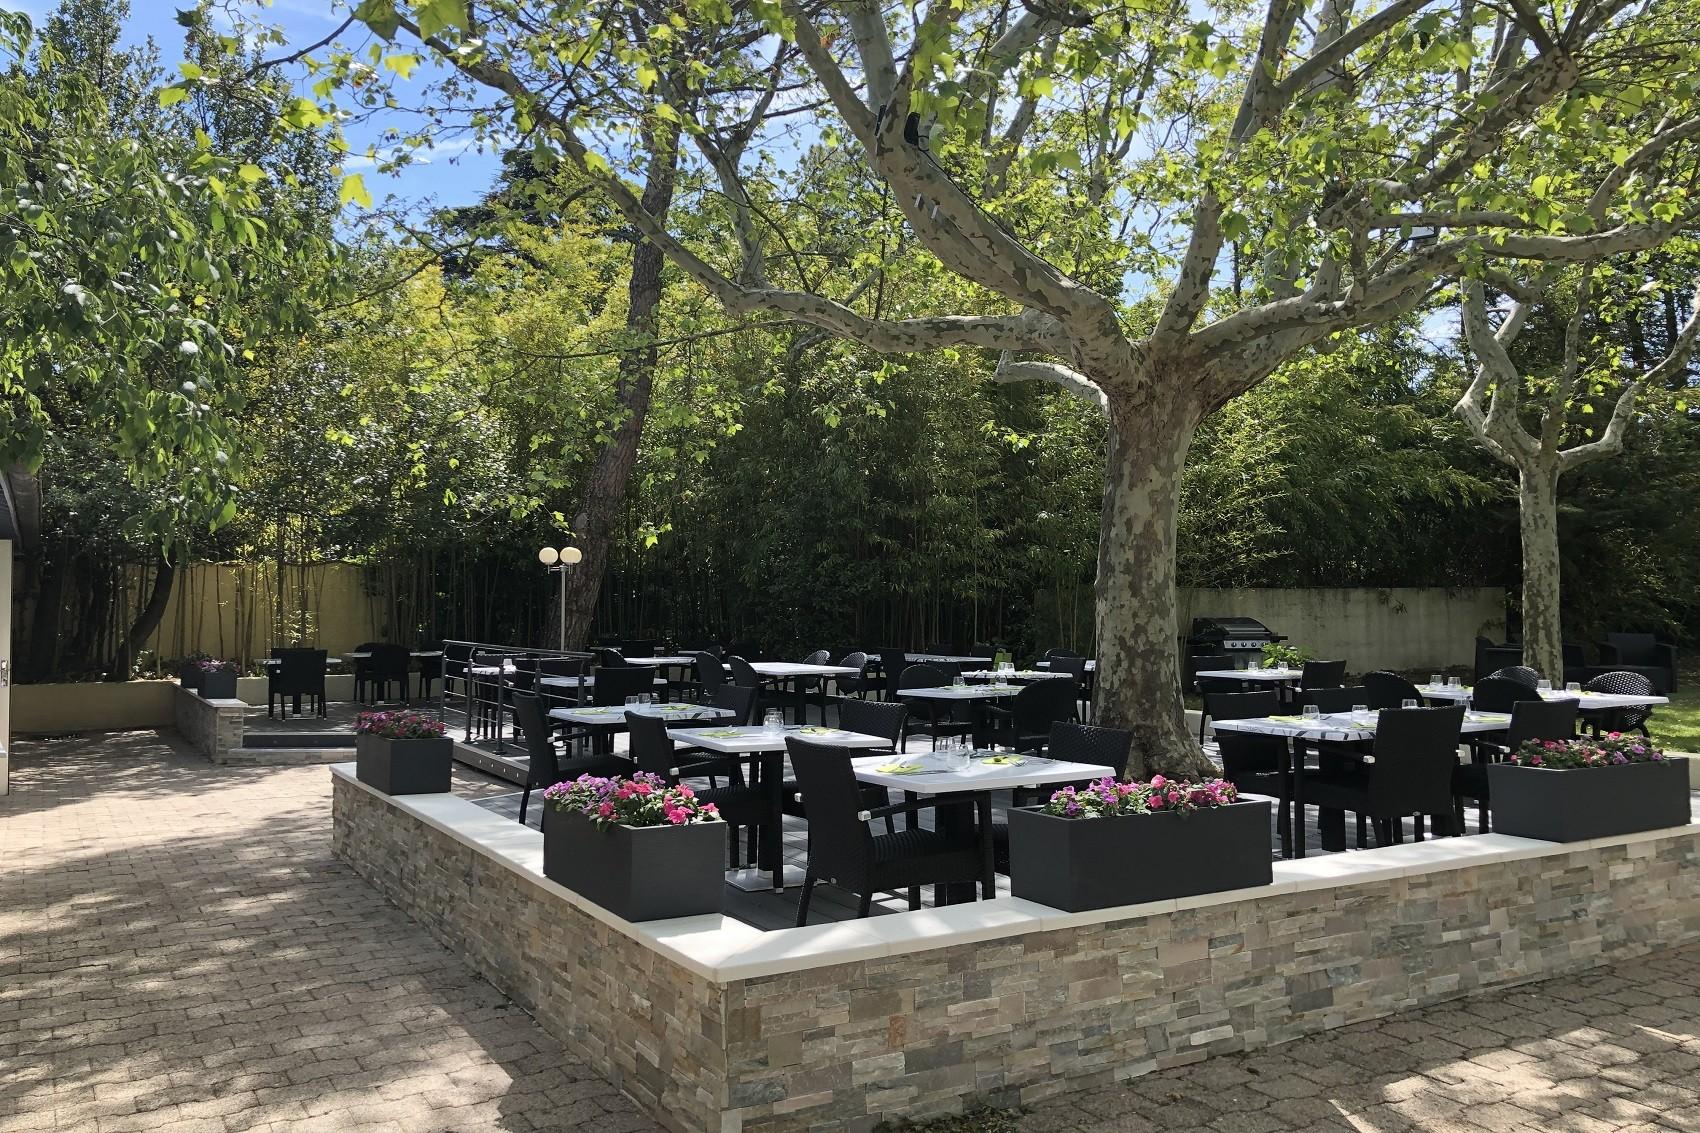 les-oliviers-loriol-sur-drome-valence-reunions-seminaires-de-caractere-terrasse